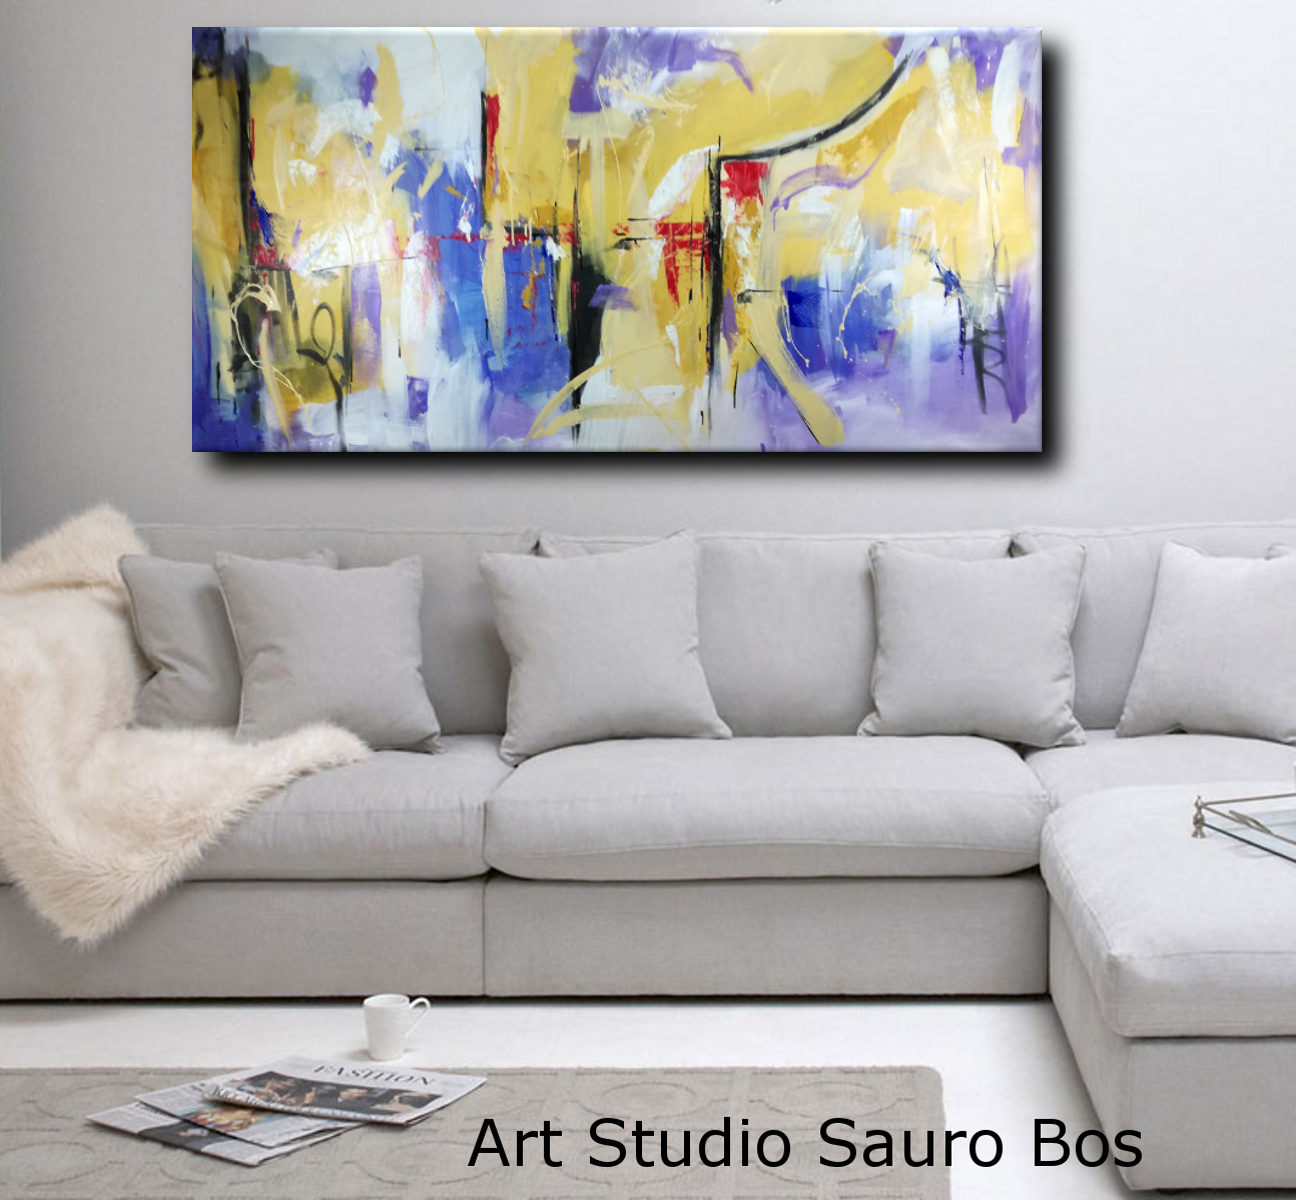 quadri-moderni-astratti-200x100 | sauro bos